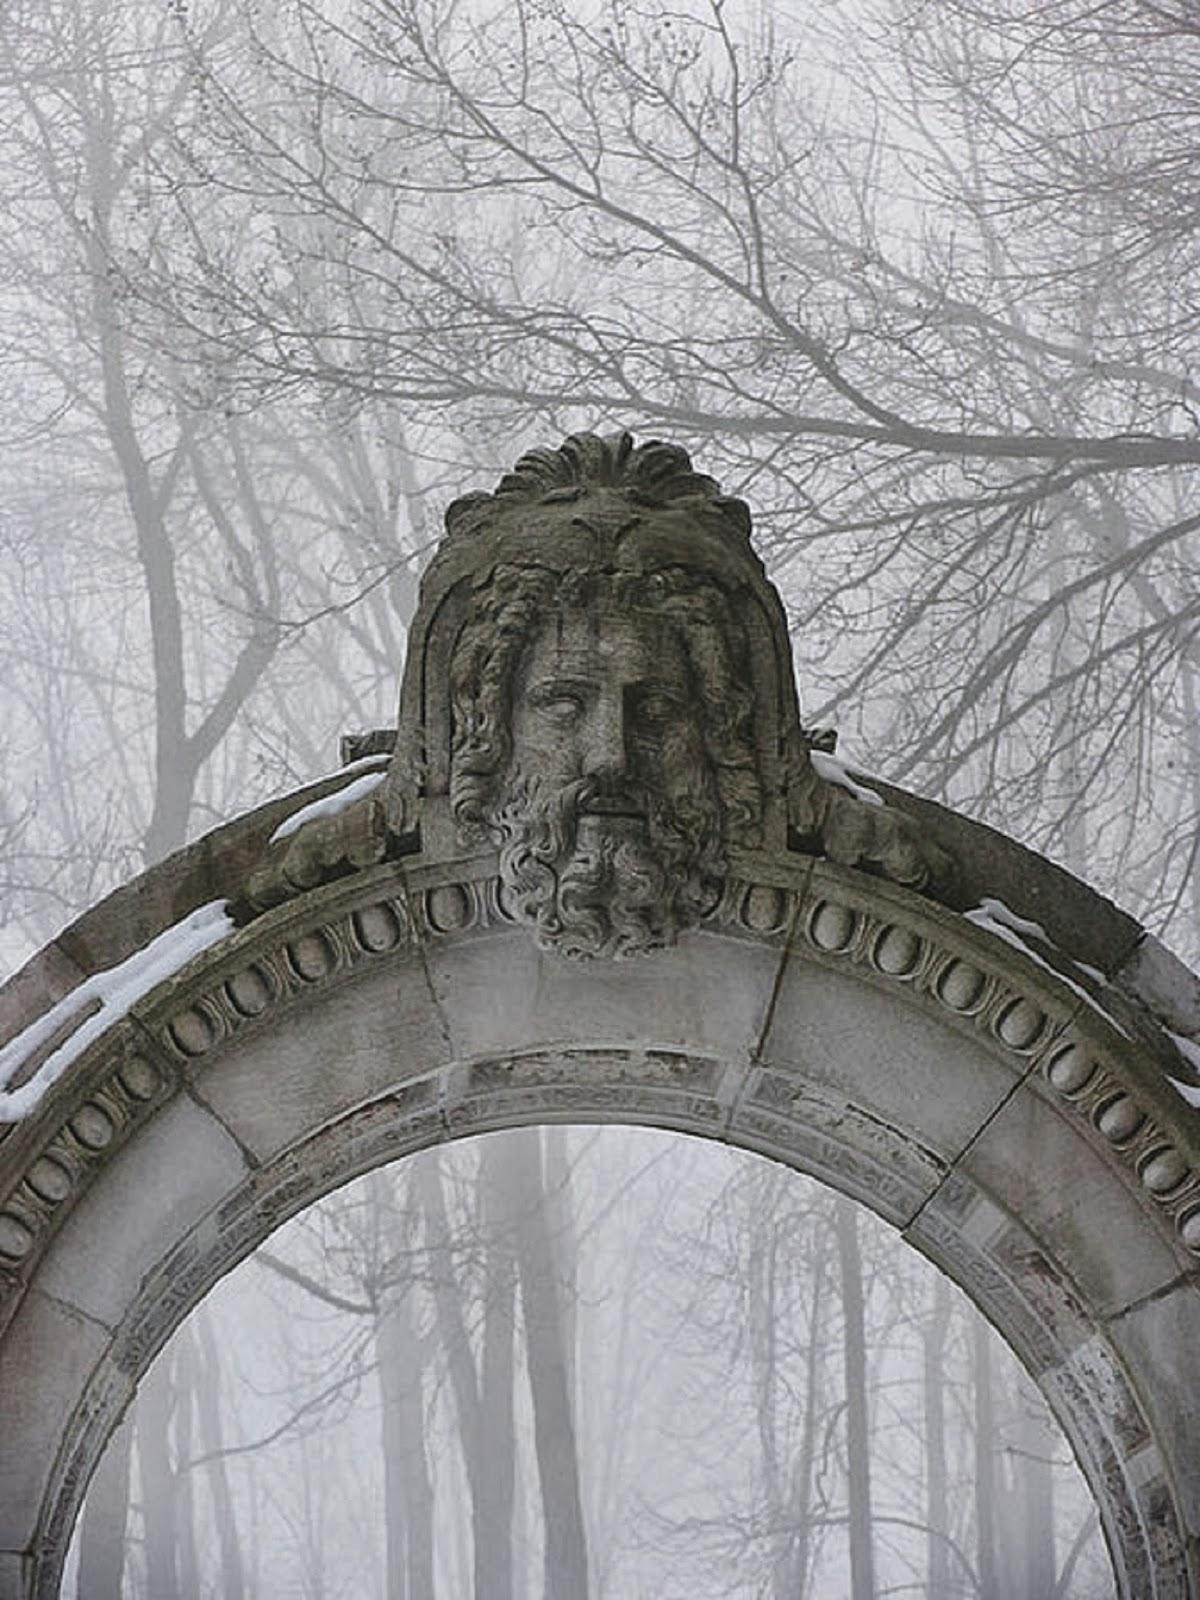 Stone arch in a foggyforest